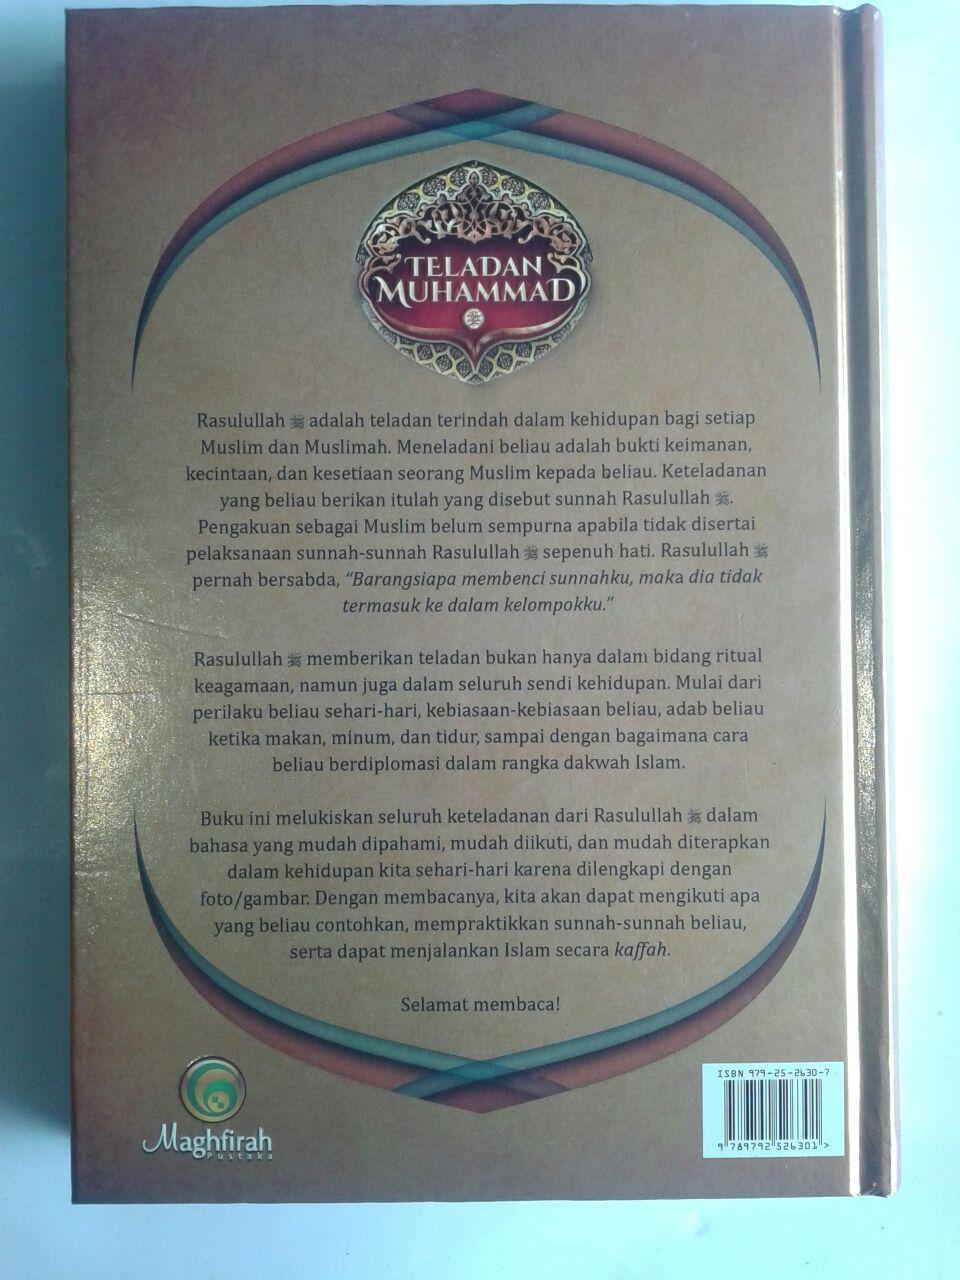 Buku Teladan Muhammad Belajar Langsung Dari Rasulullah cover